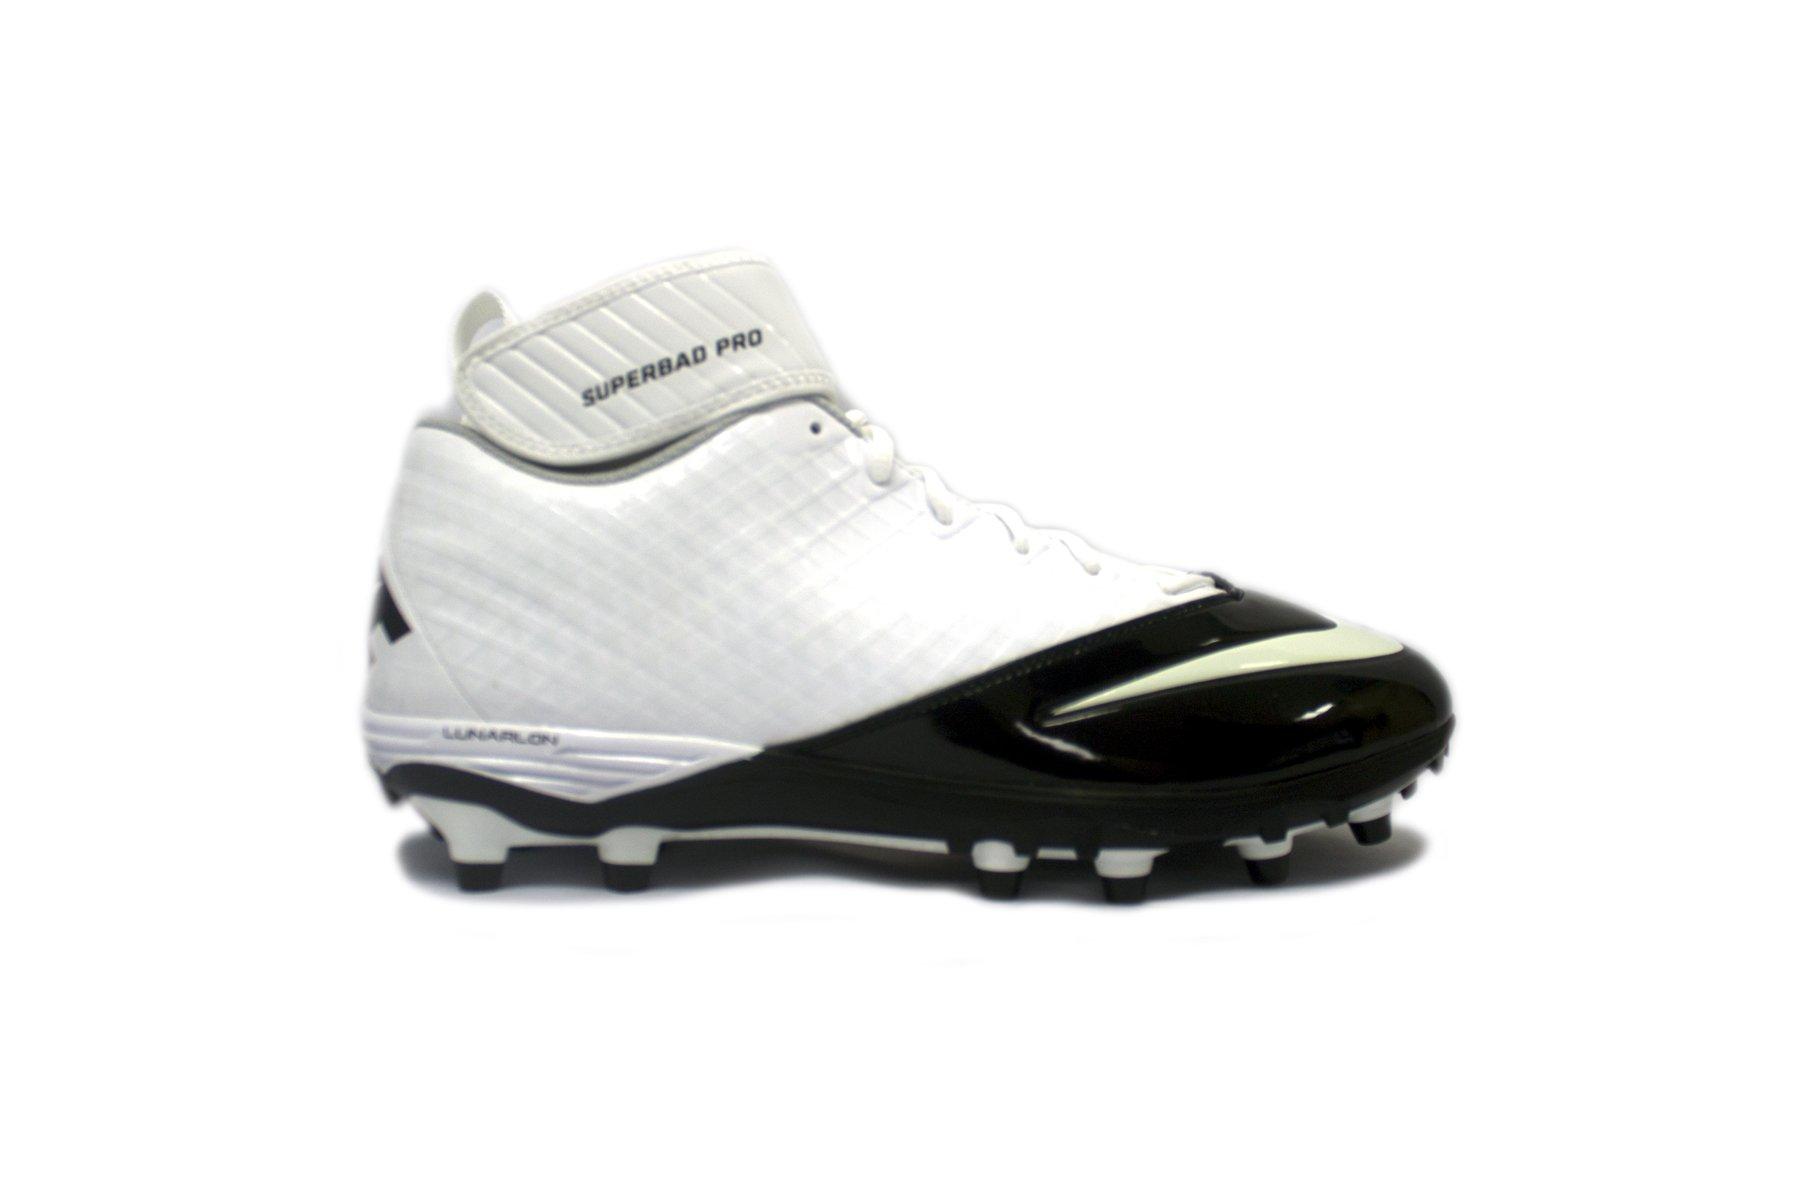 Nike / air max id (943756-972) grigio / bianco / Nike oro olimpico mns.sz.11,5 4d9b21